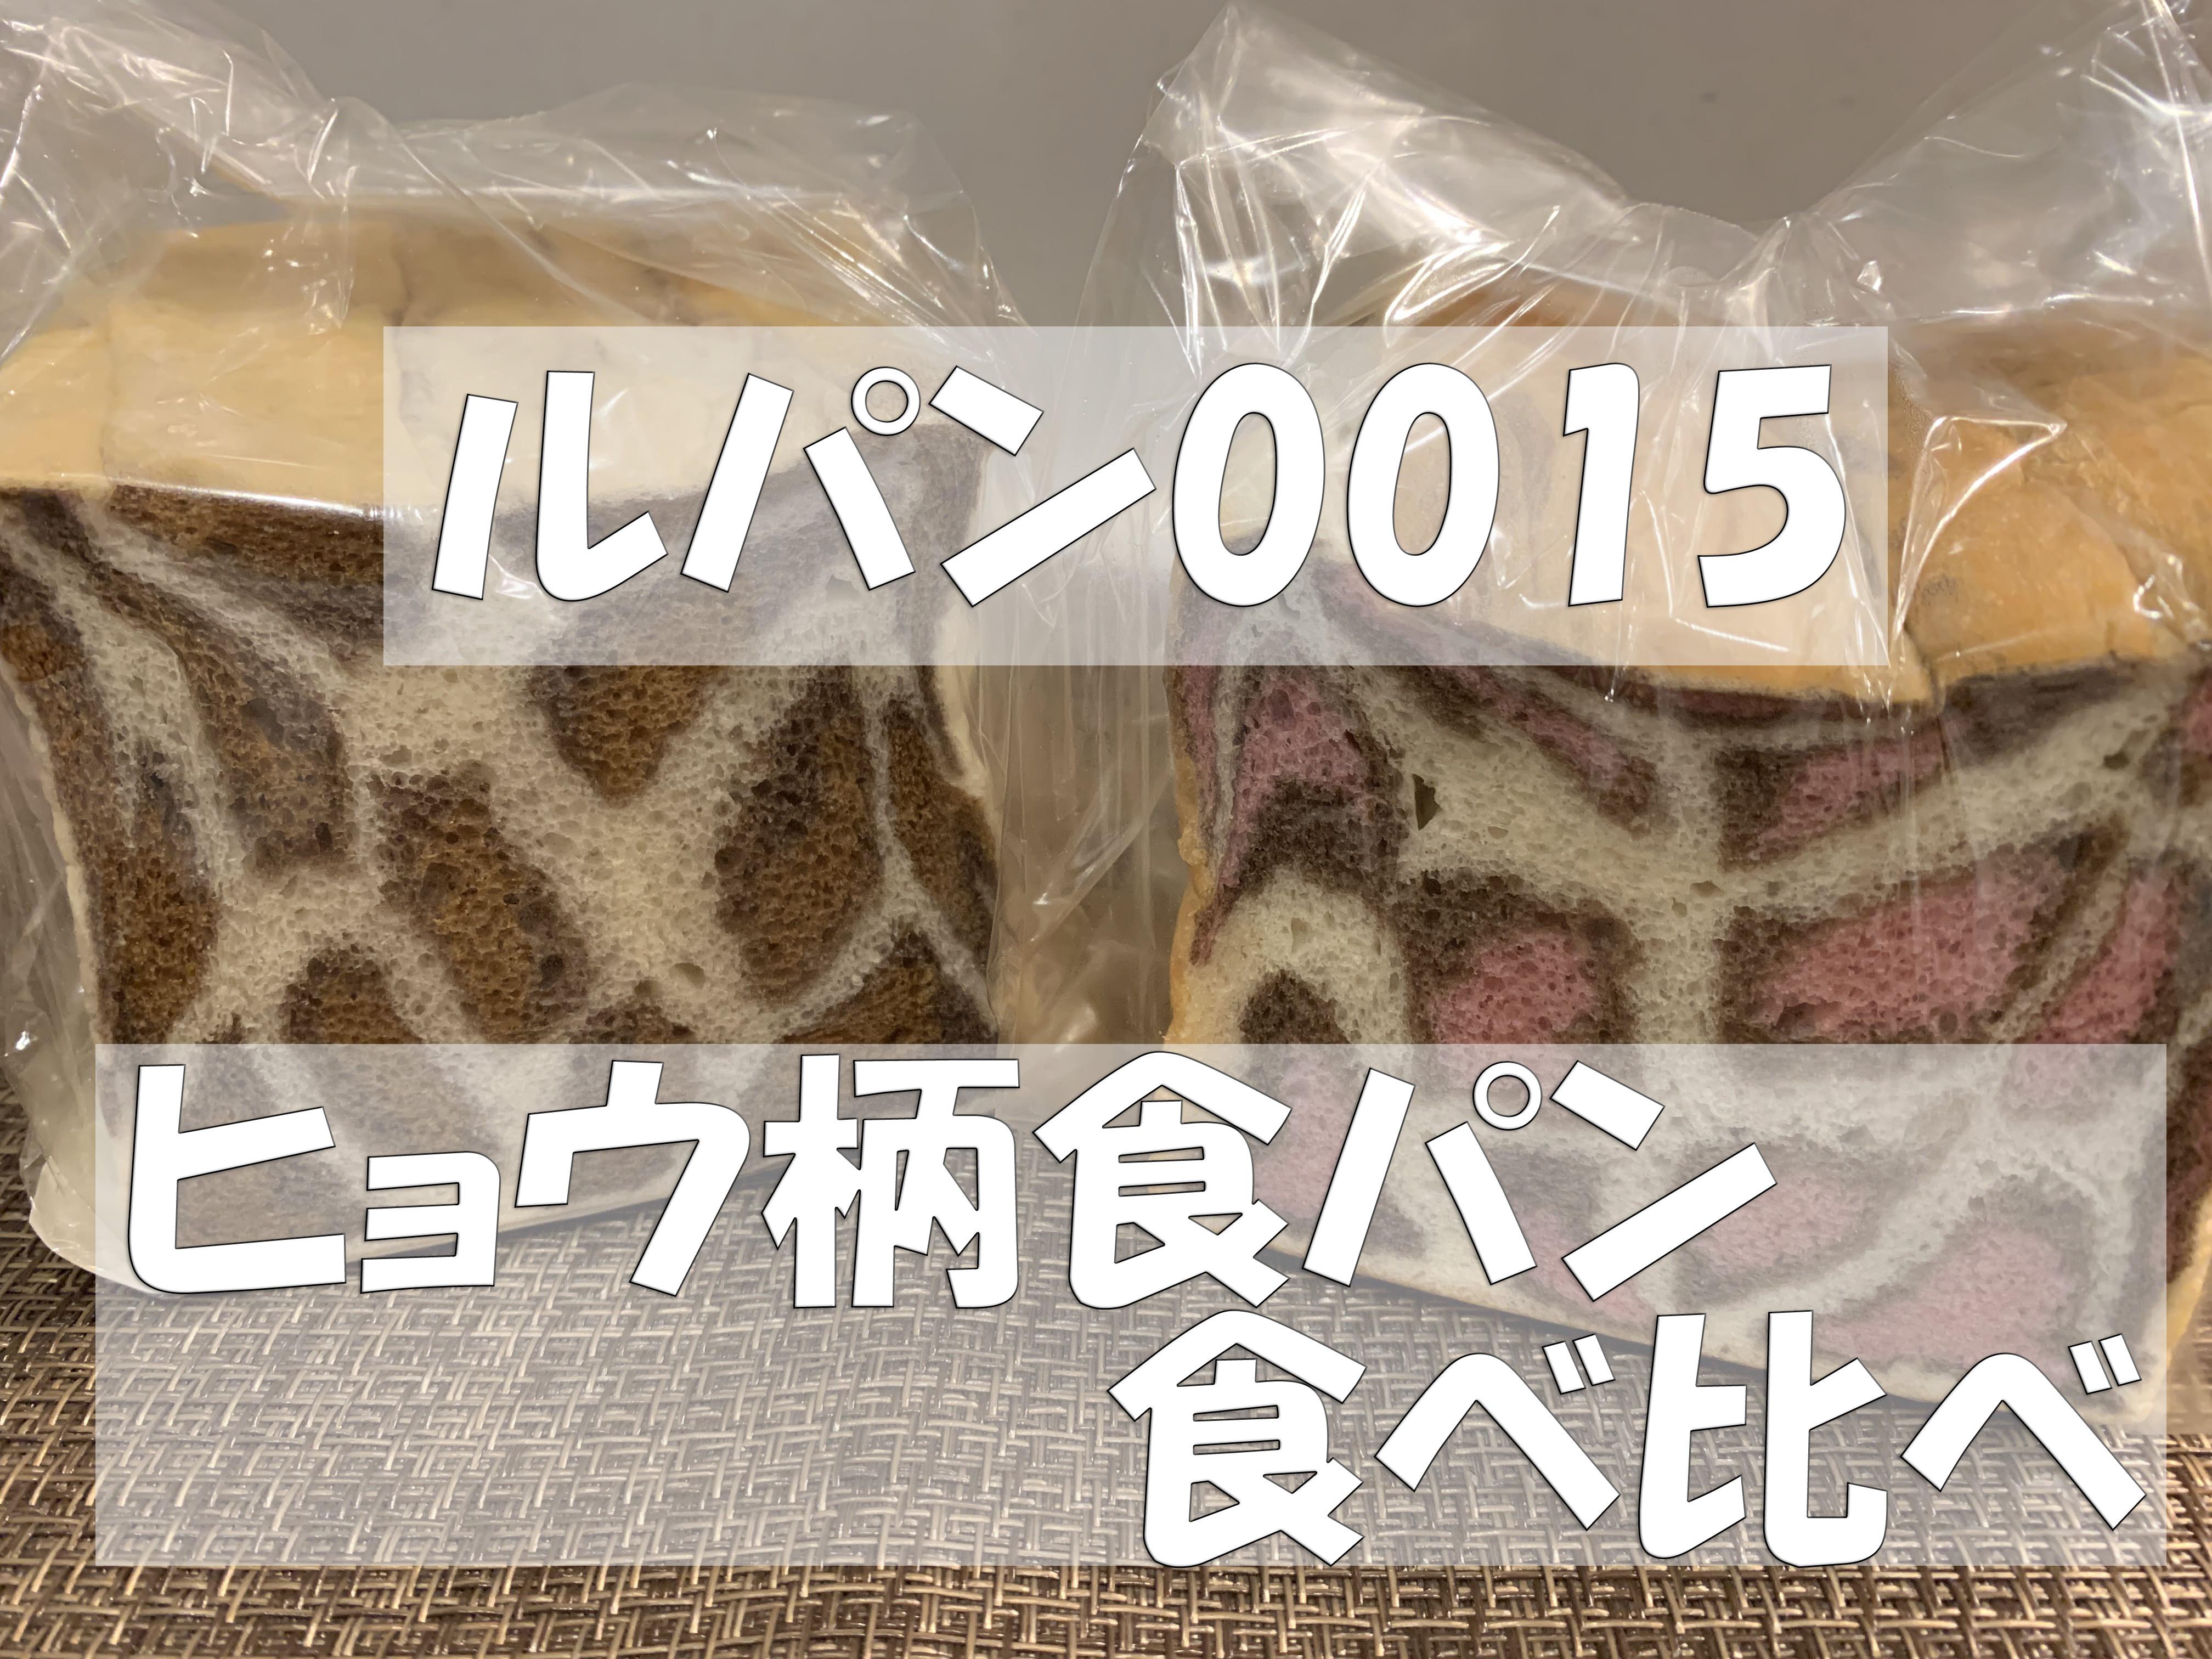 ルパン0015のヒョウ柄食パンが可愛い!萌え断の食パン2種食べ比べ